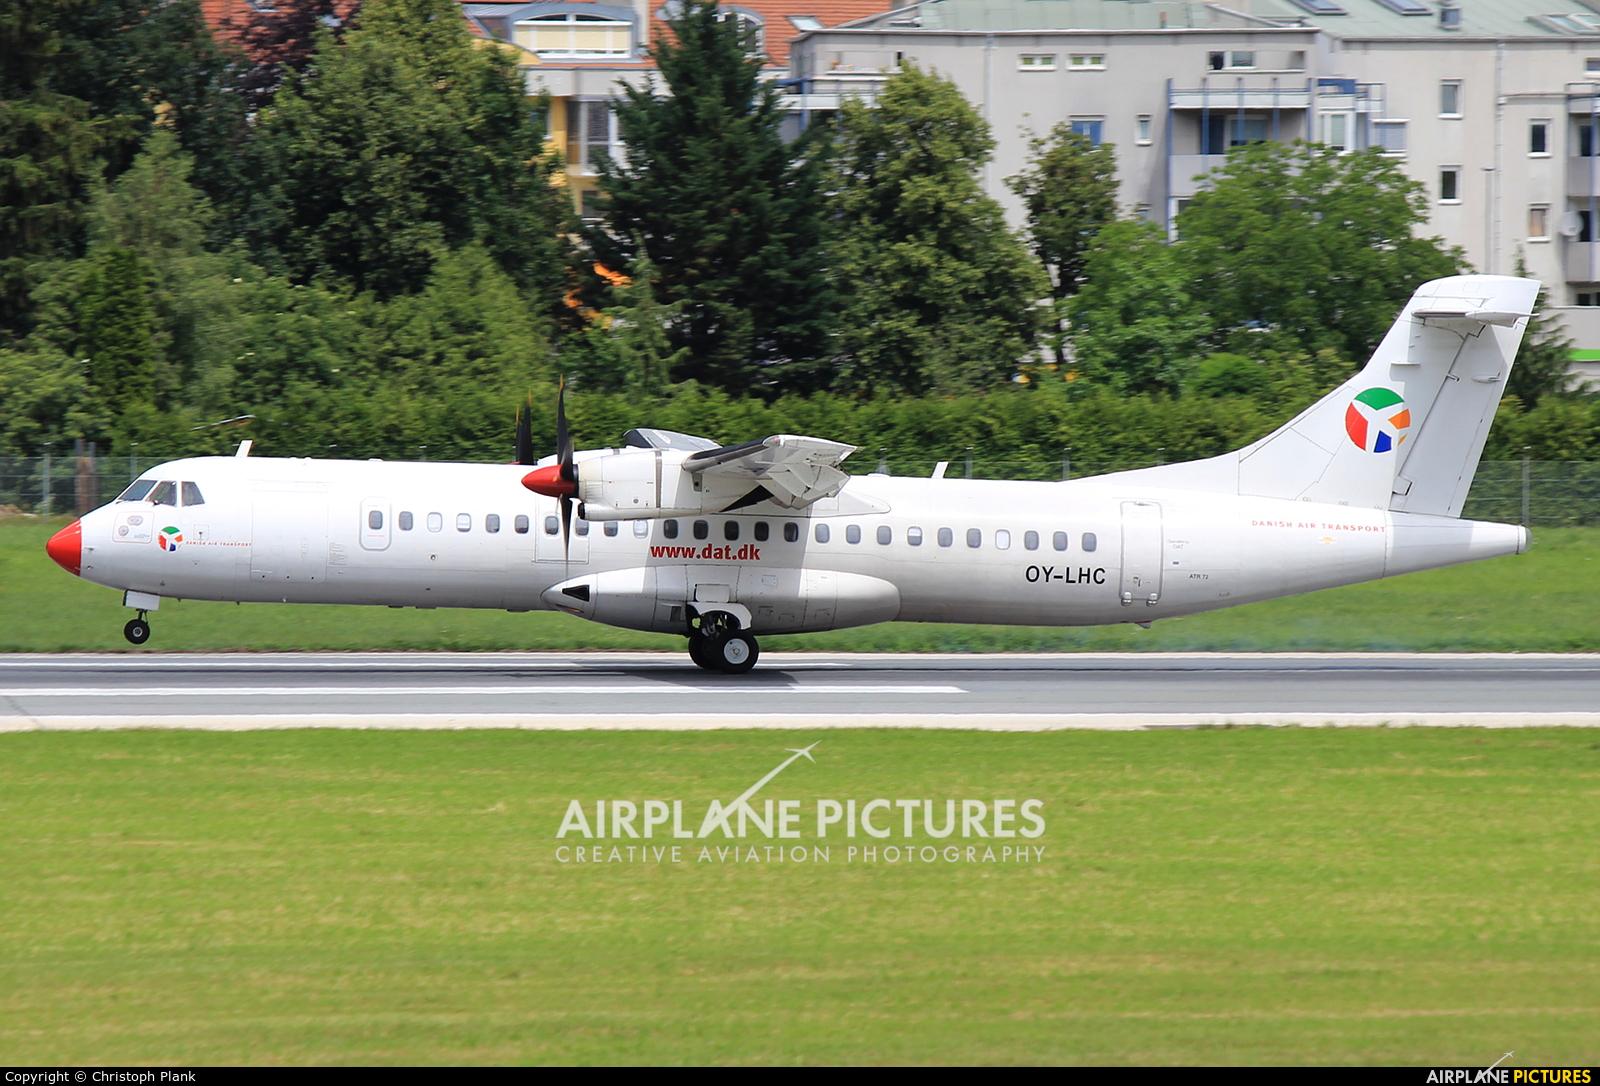 Danish Air Transport OY-LHC aircraft at Innsbruck